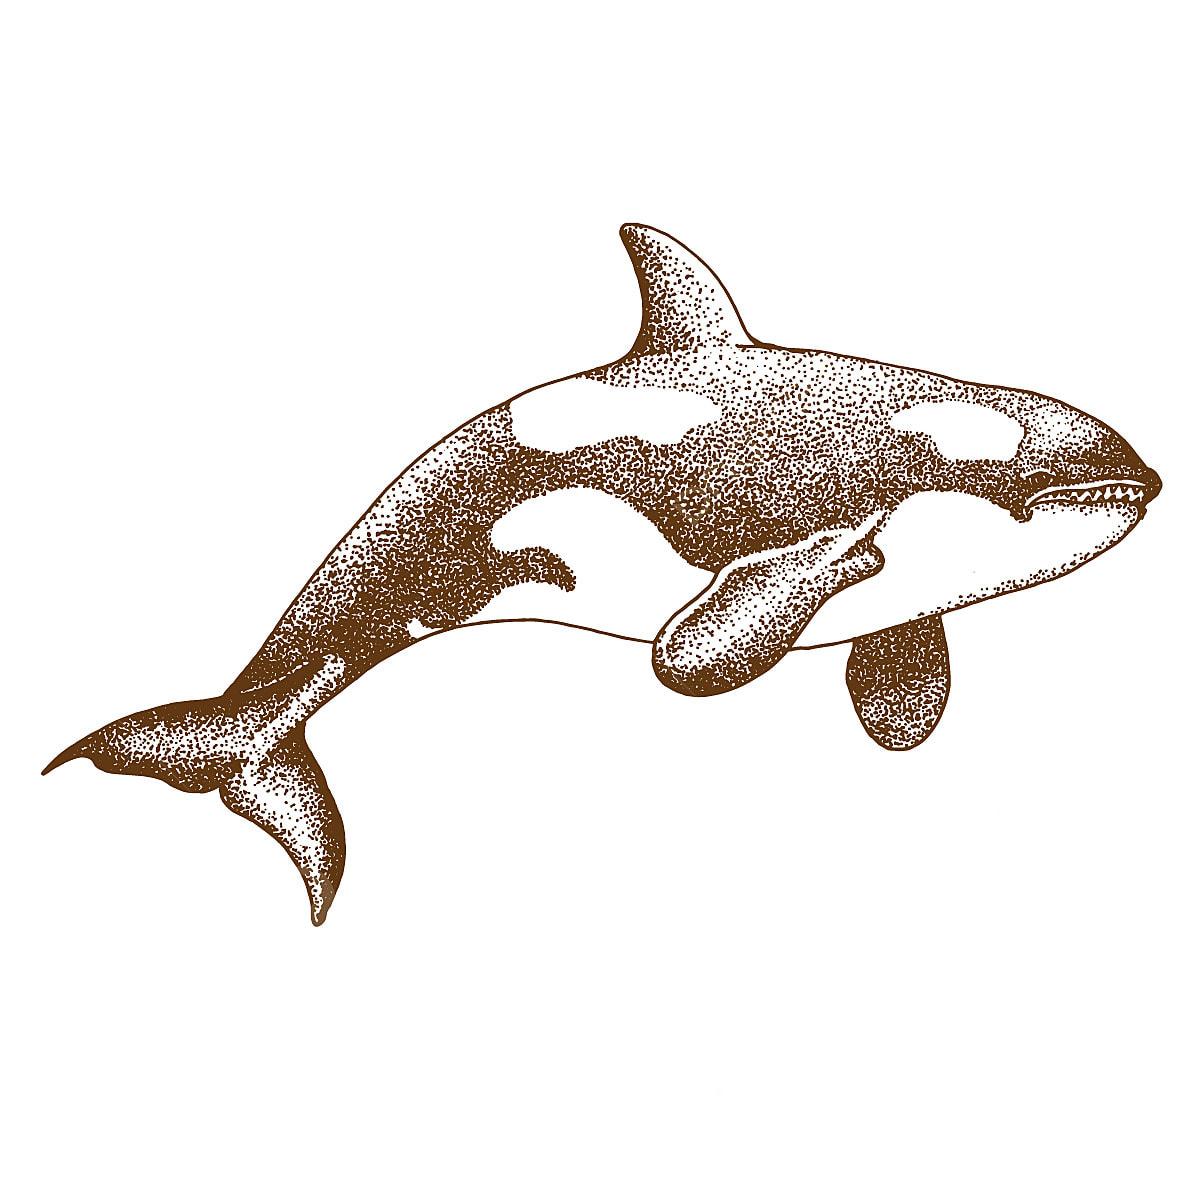 Pontilhismo Desenho De Baleia Animal Aquatic Azul Png E Vetor